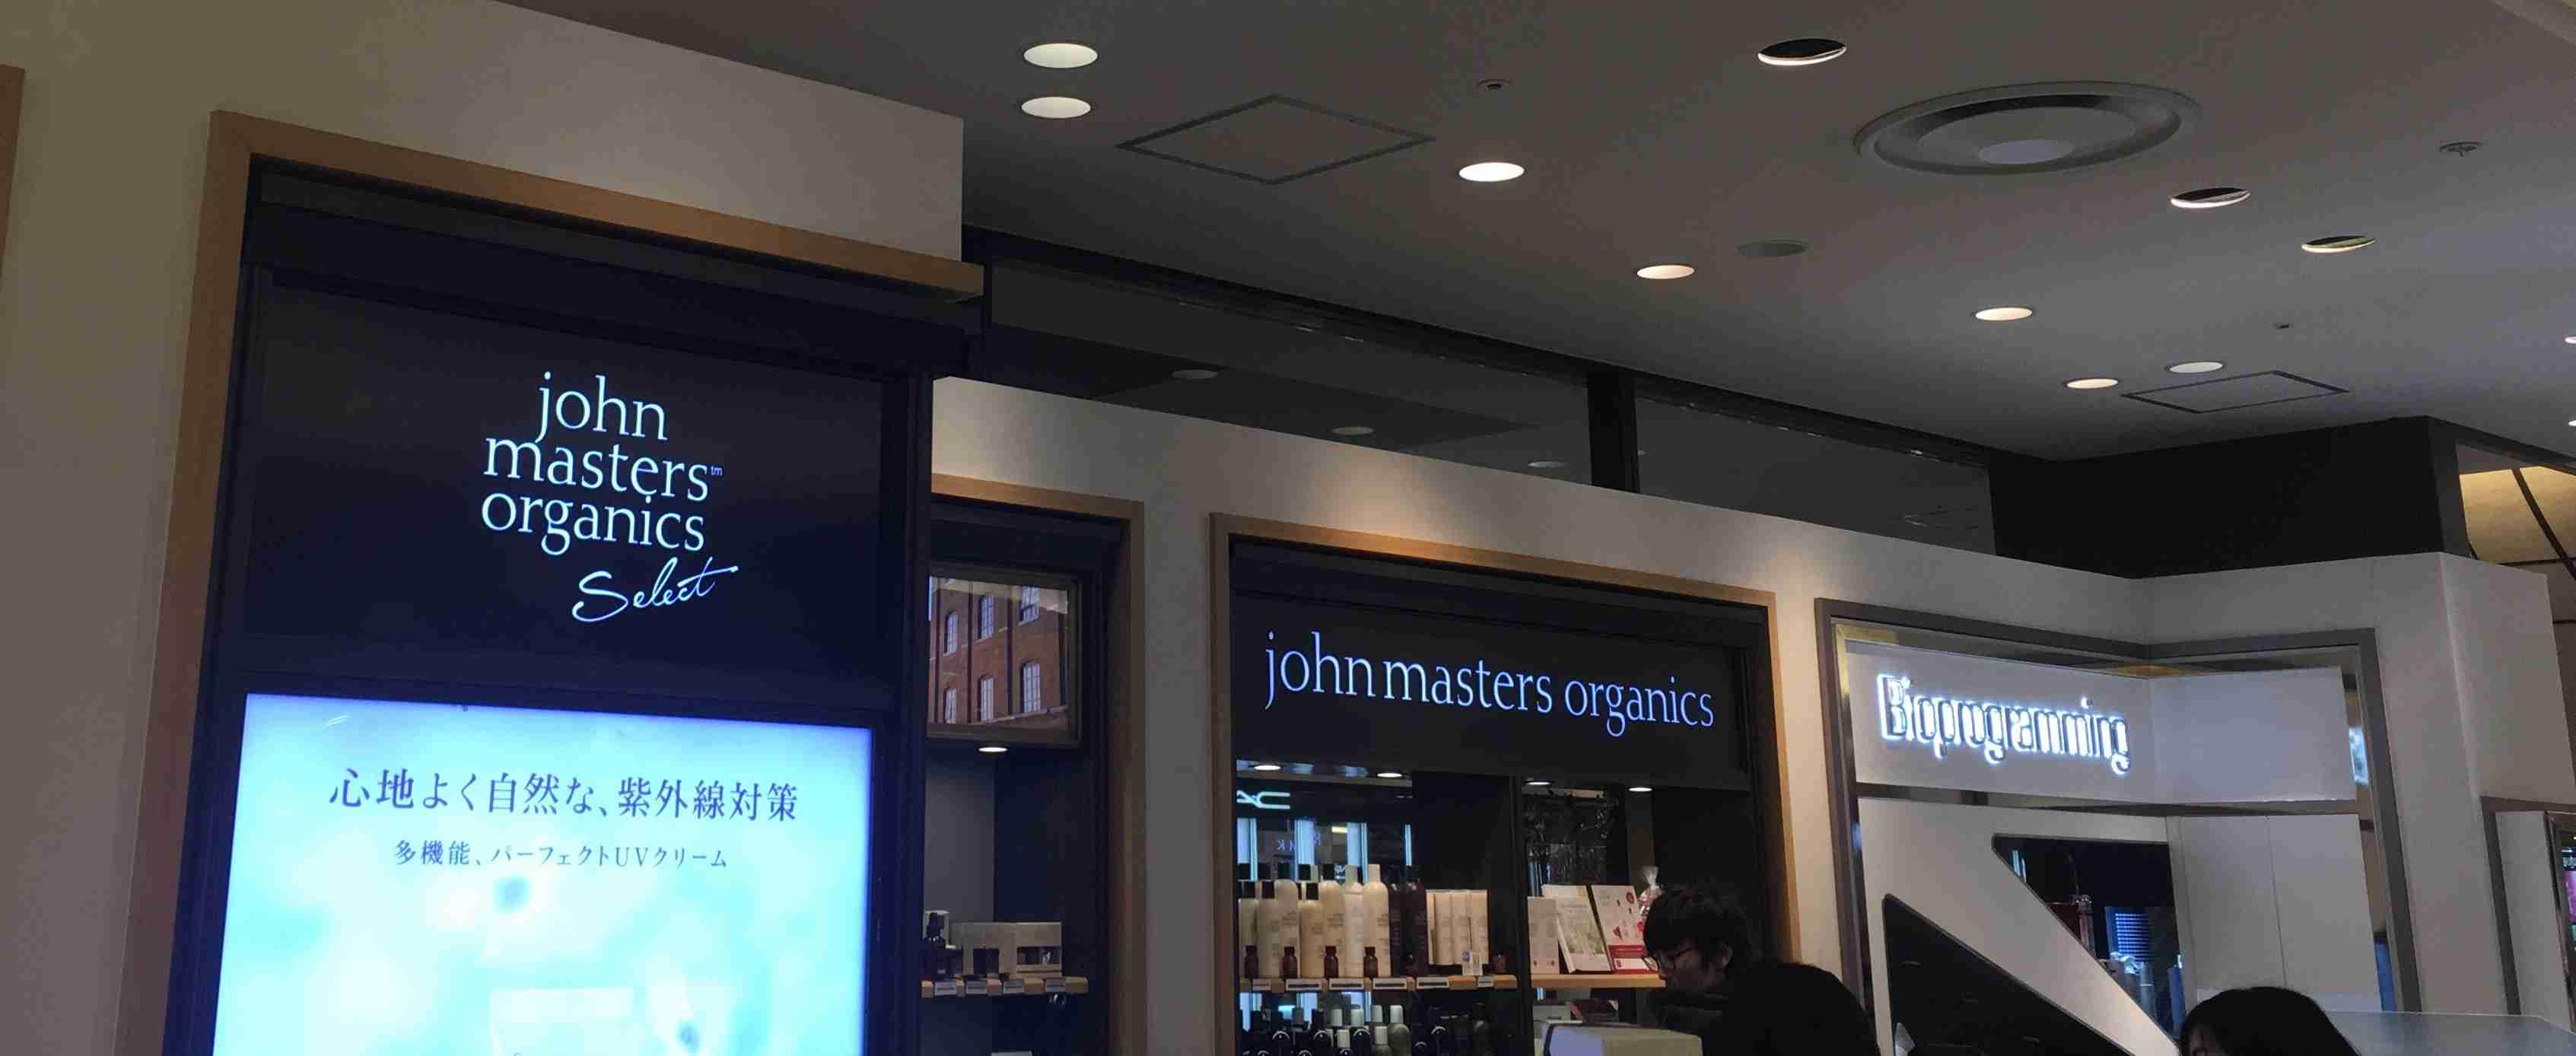 ジョンマスターオーガニック製品愛用者だった皆さんのその後。